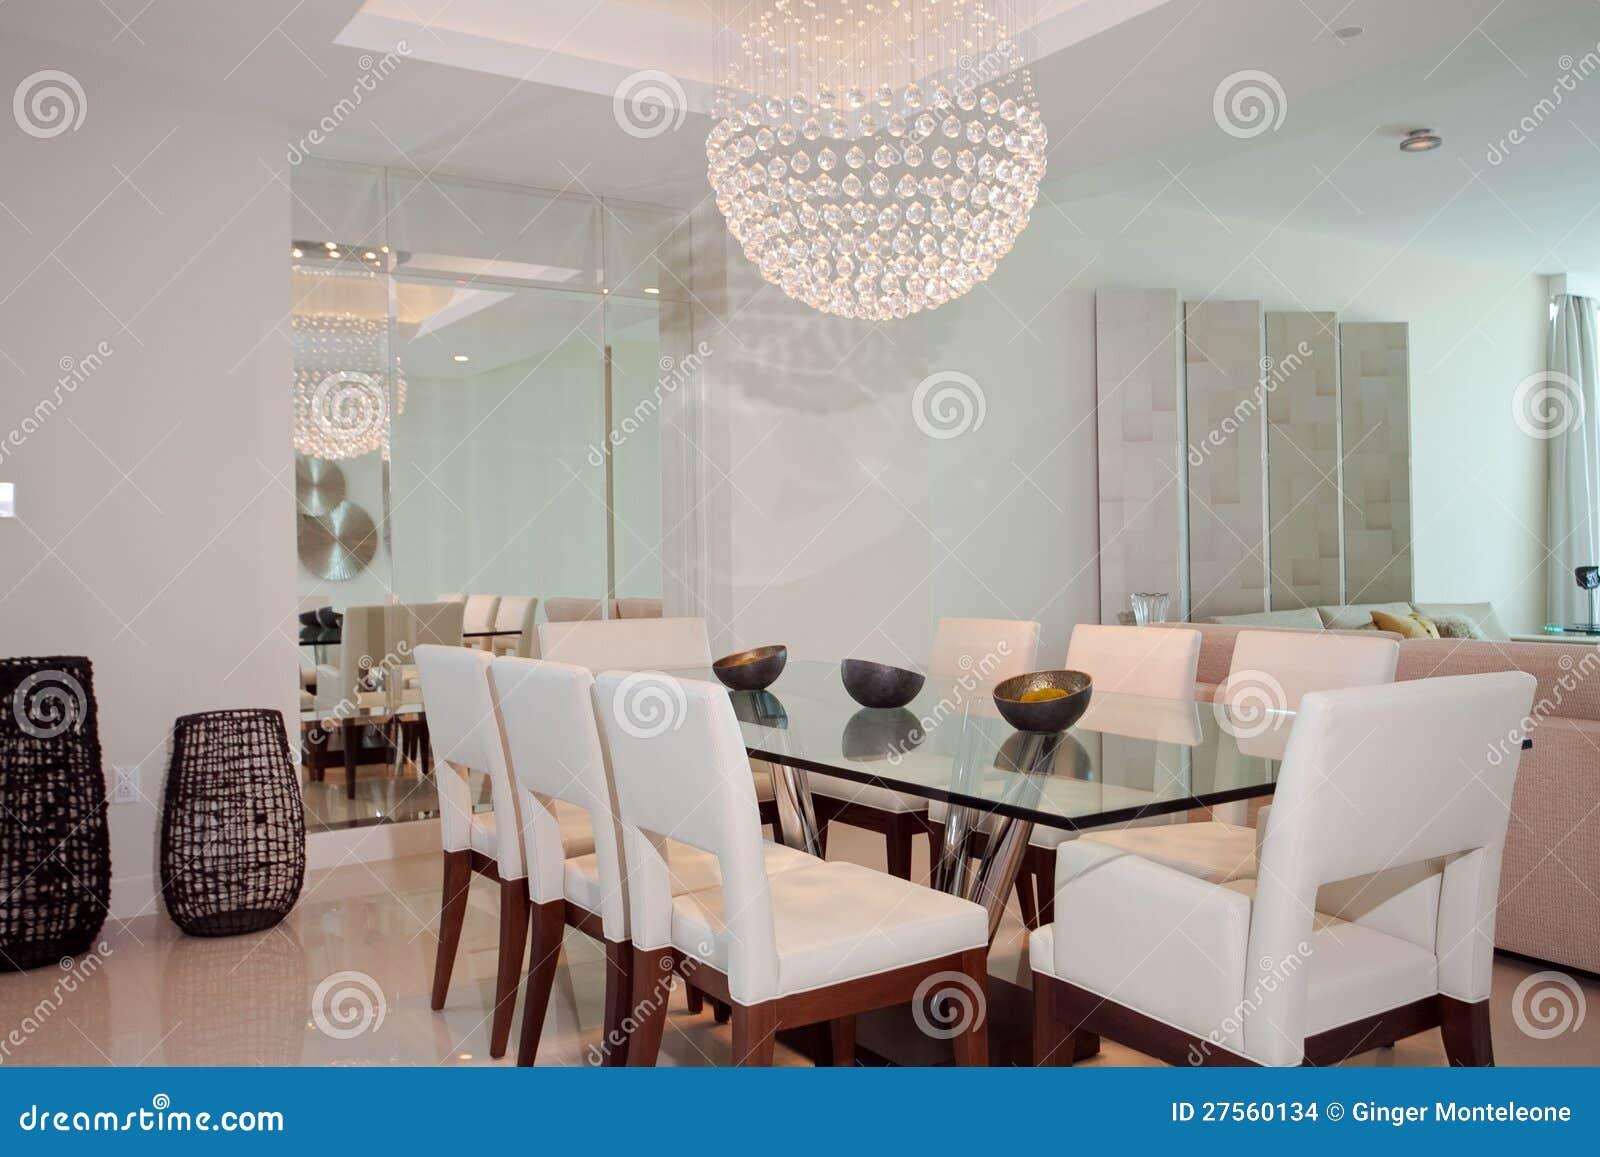 Sala Da Pranzo Di Lusso Immagini Stock Immagine: 27560134 #82A229 1300 957 Lampade Per Sala Da Pranzo